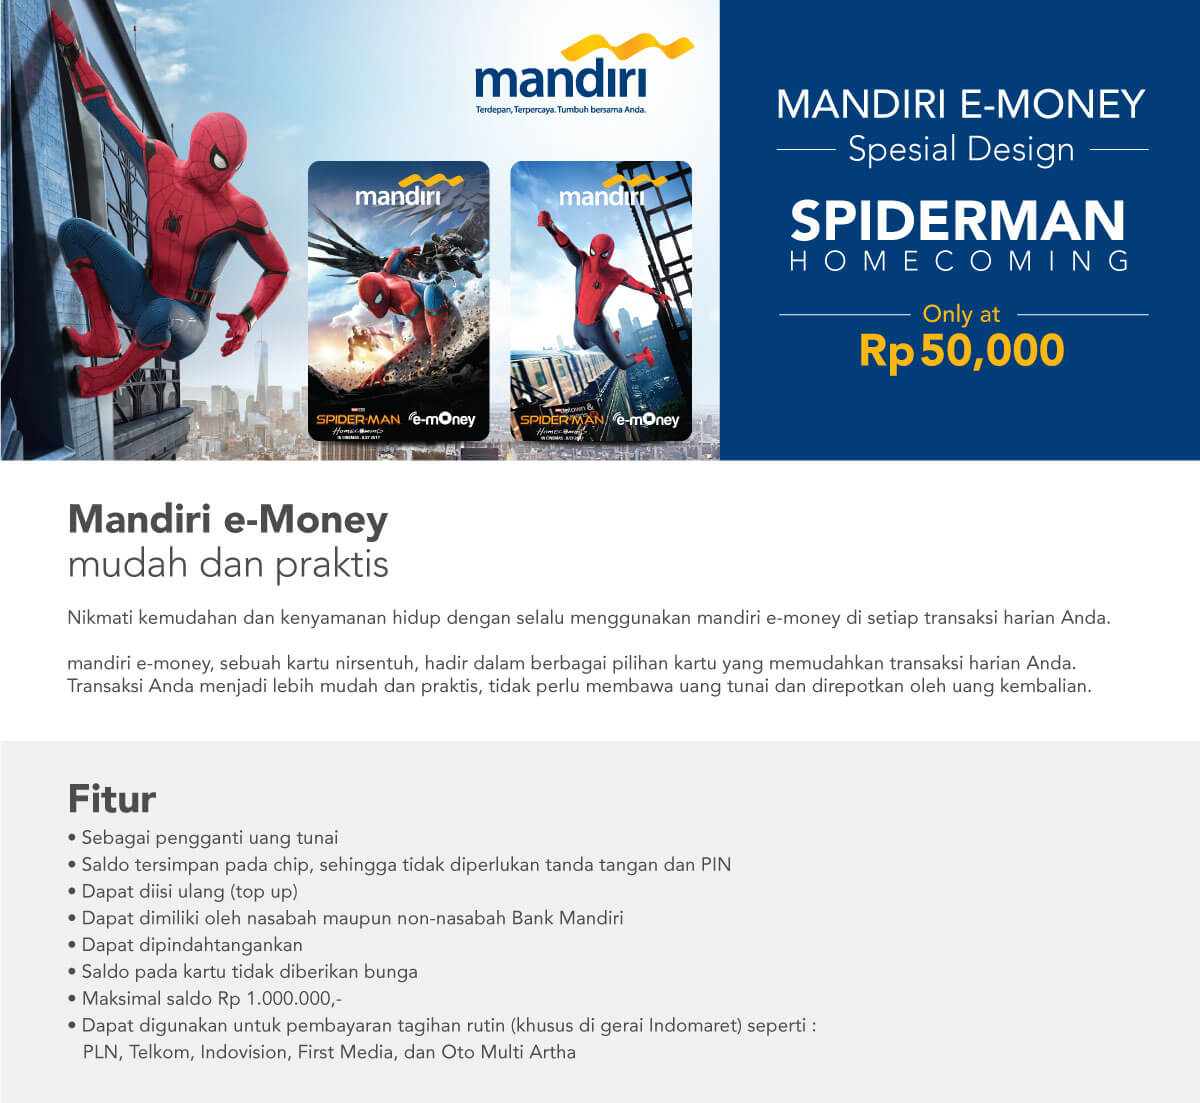 E Money Special Spiderman Mandiri Saldo Rp 0 Promo Telah Berakhir